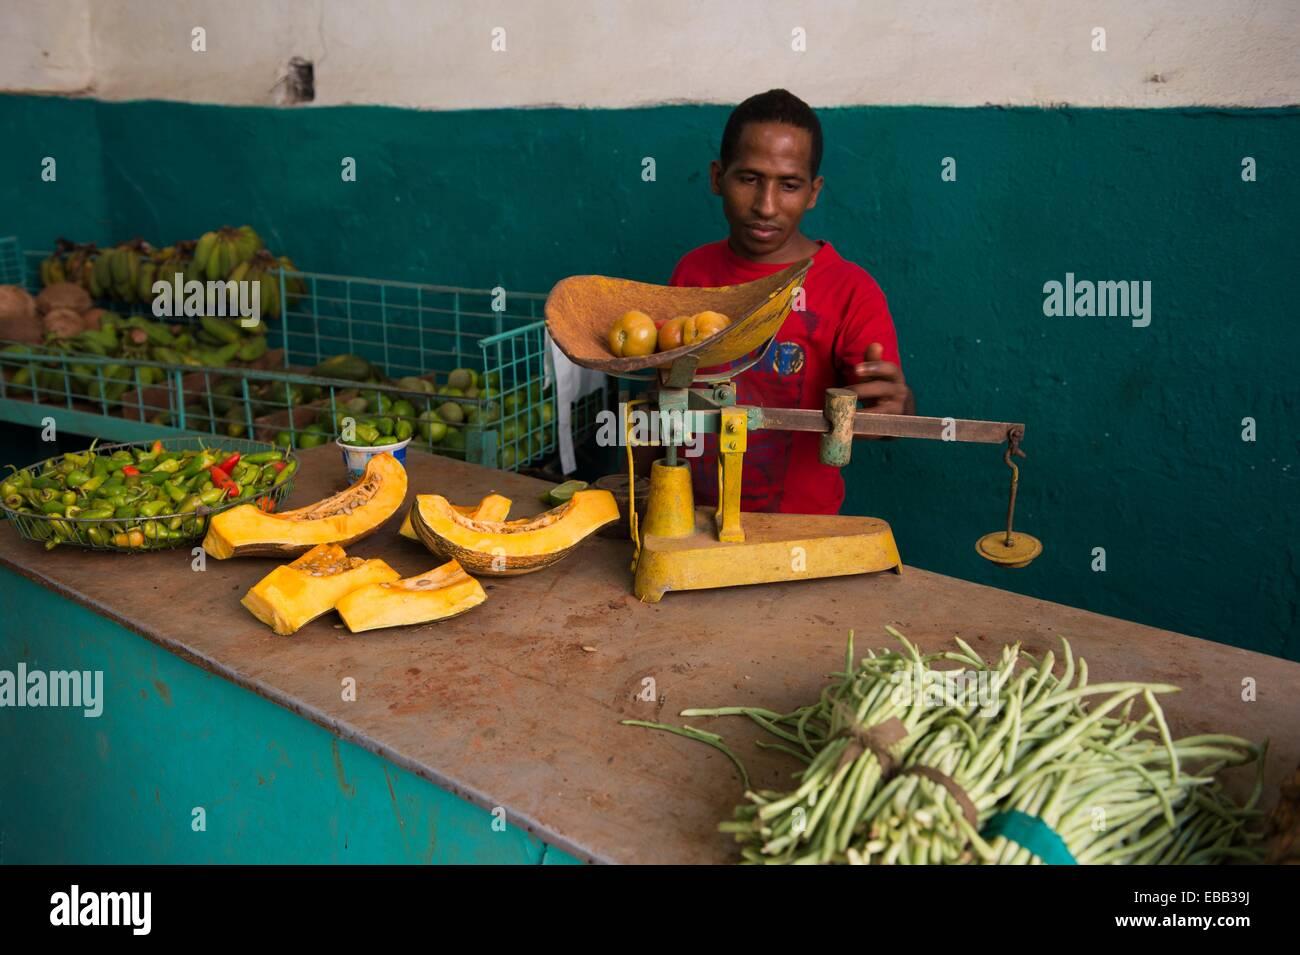 Vendedor de frutas y verduras en su tienda. La Habana, Cuba. Imagen De Stock